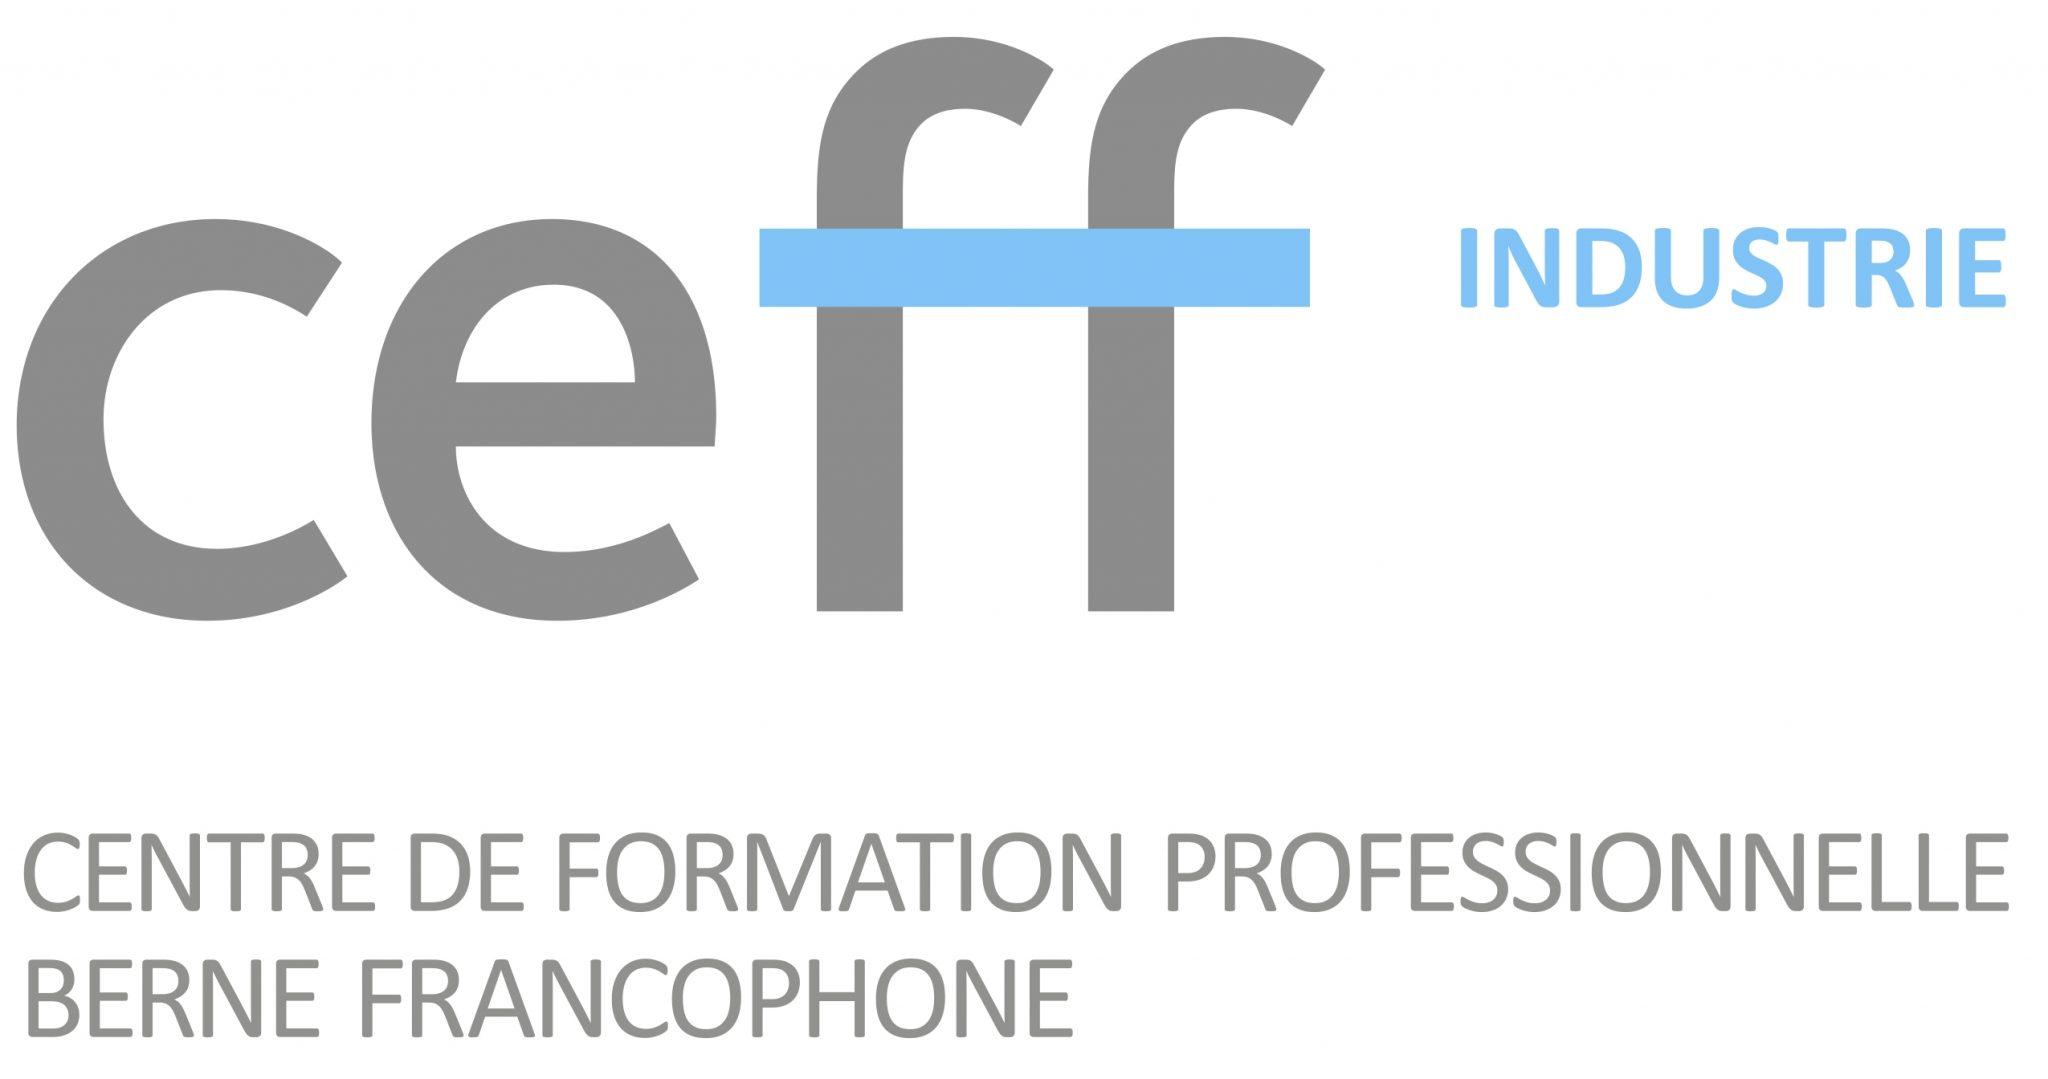 Logo Ceff Industrie